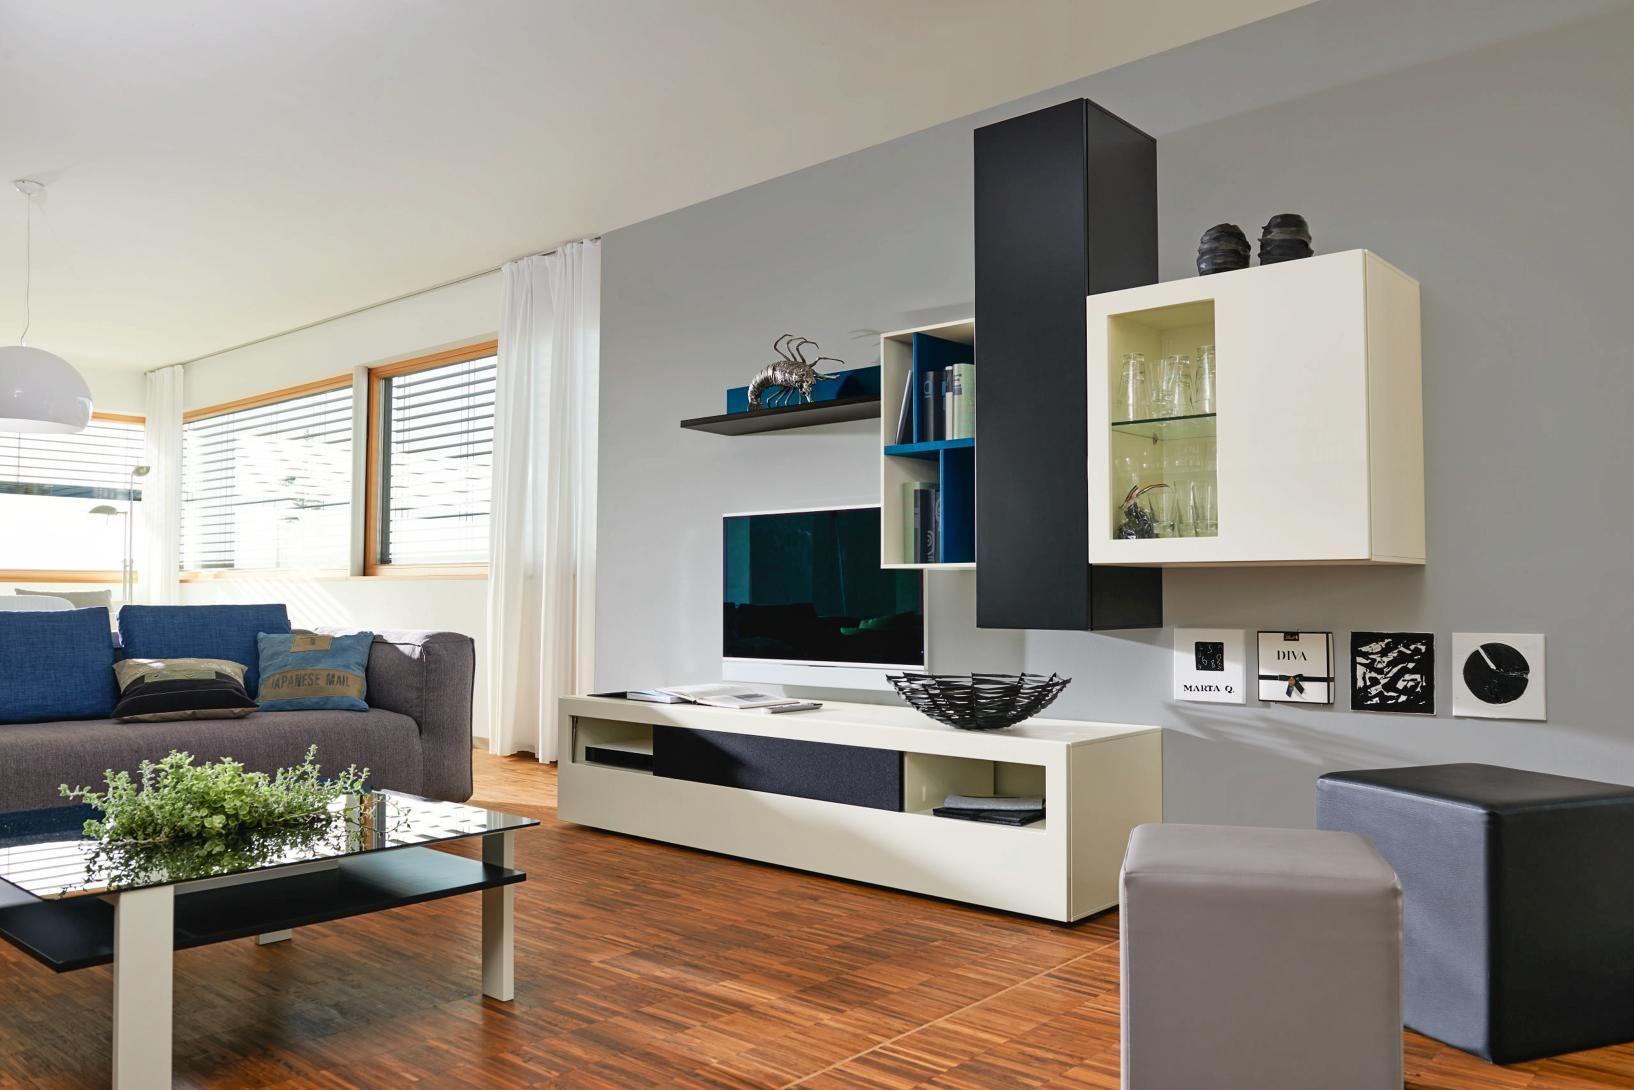 Entzuckend Moderne Wohnwand Von HÜLSTA BY NOW Für Exklusives Flair